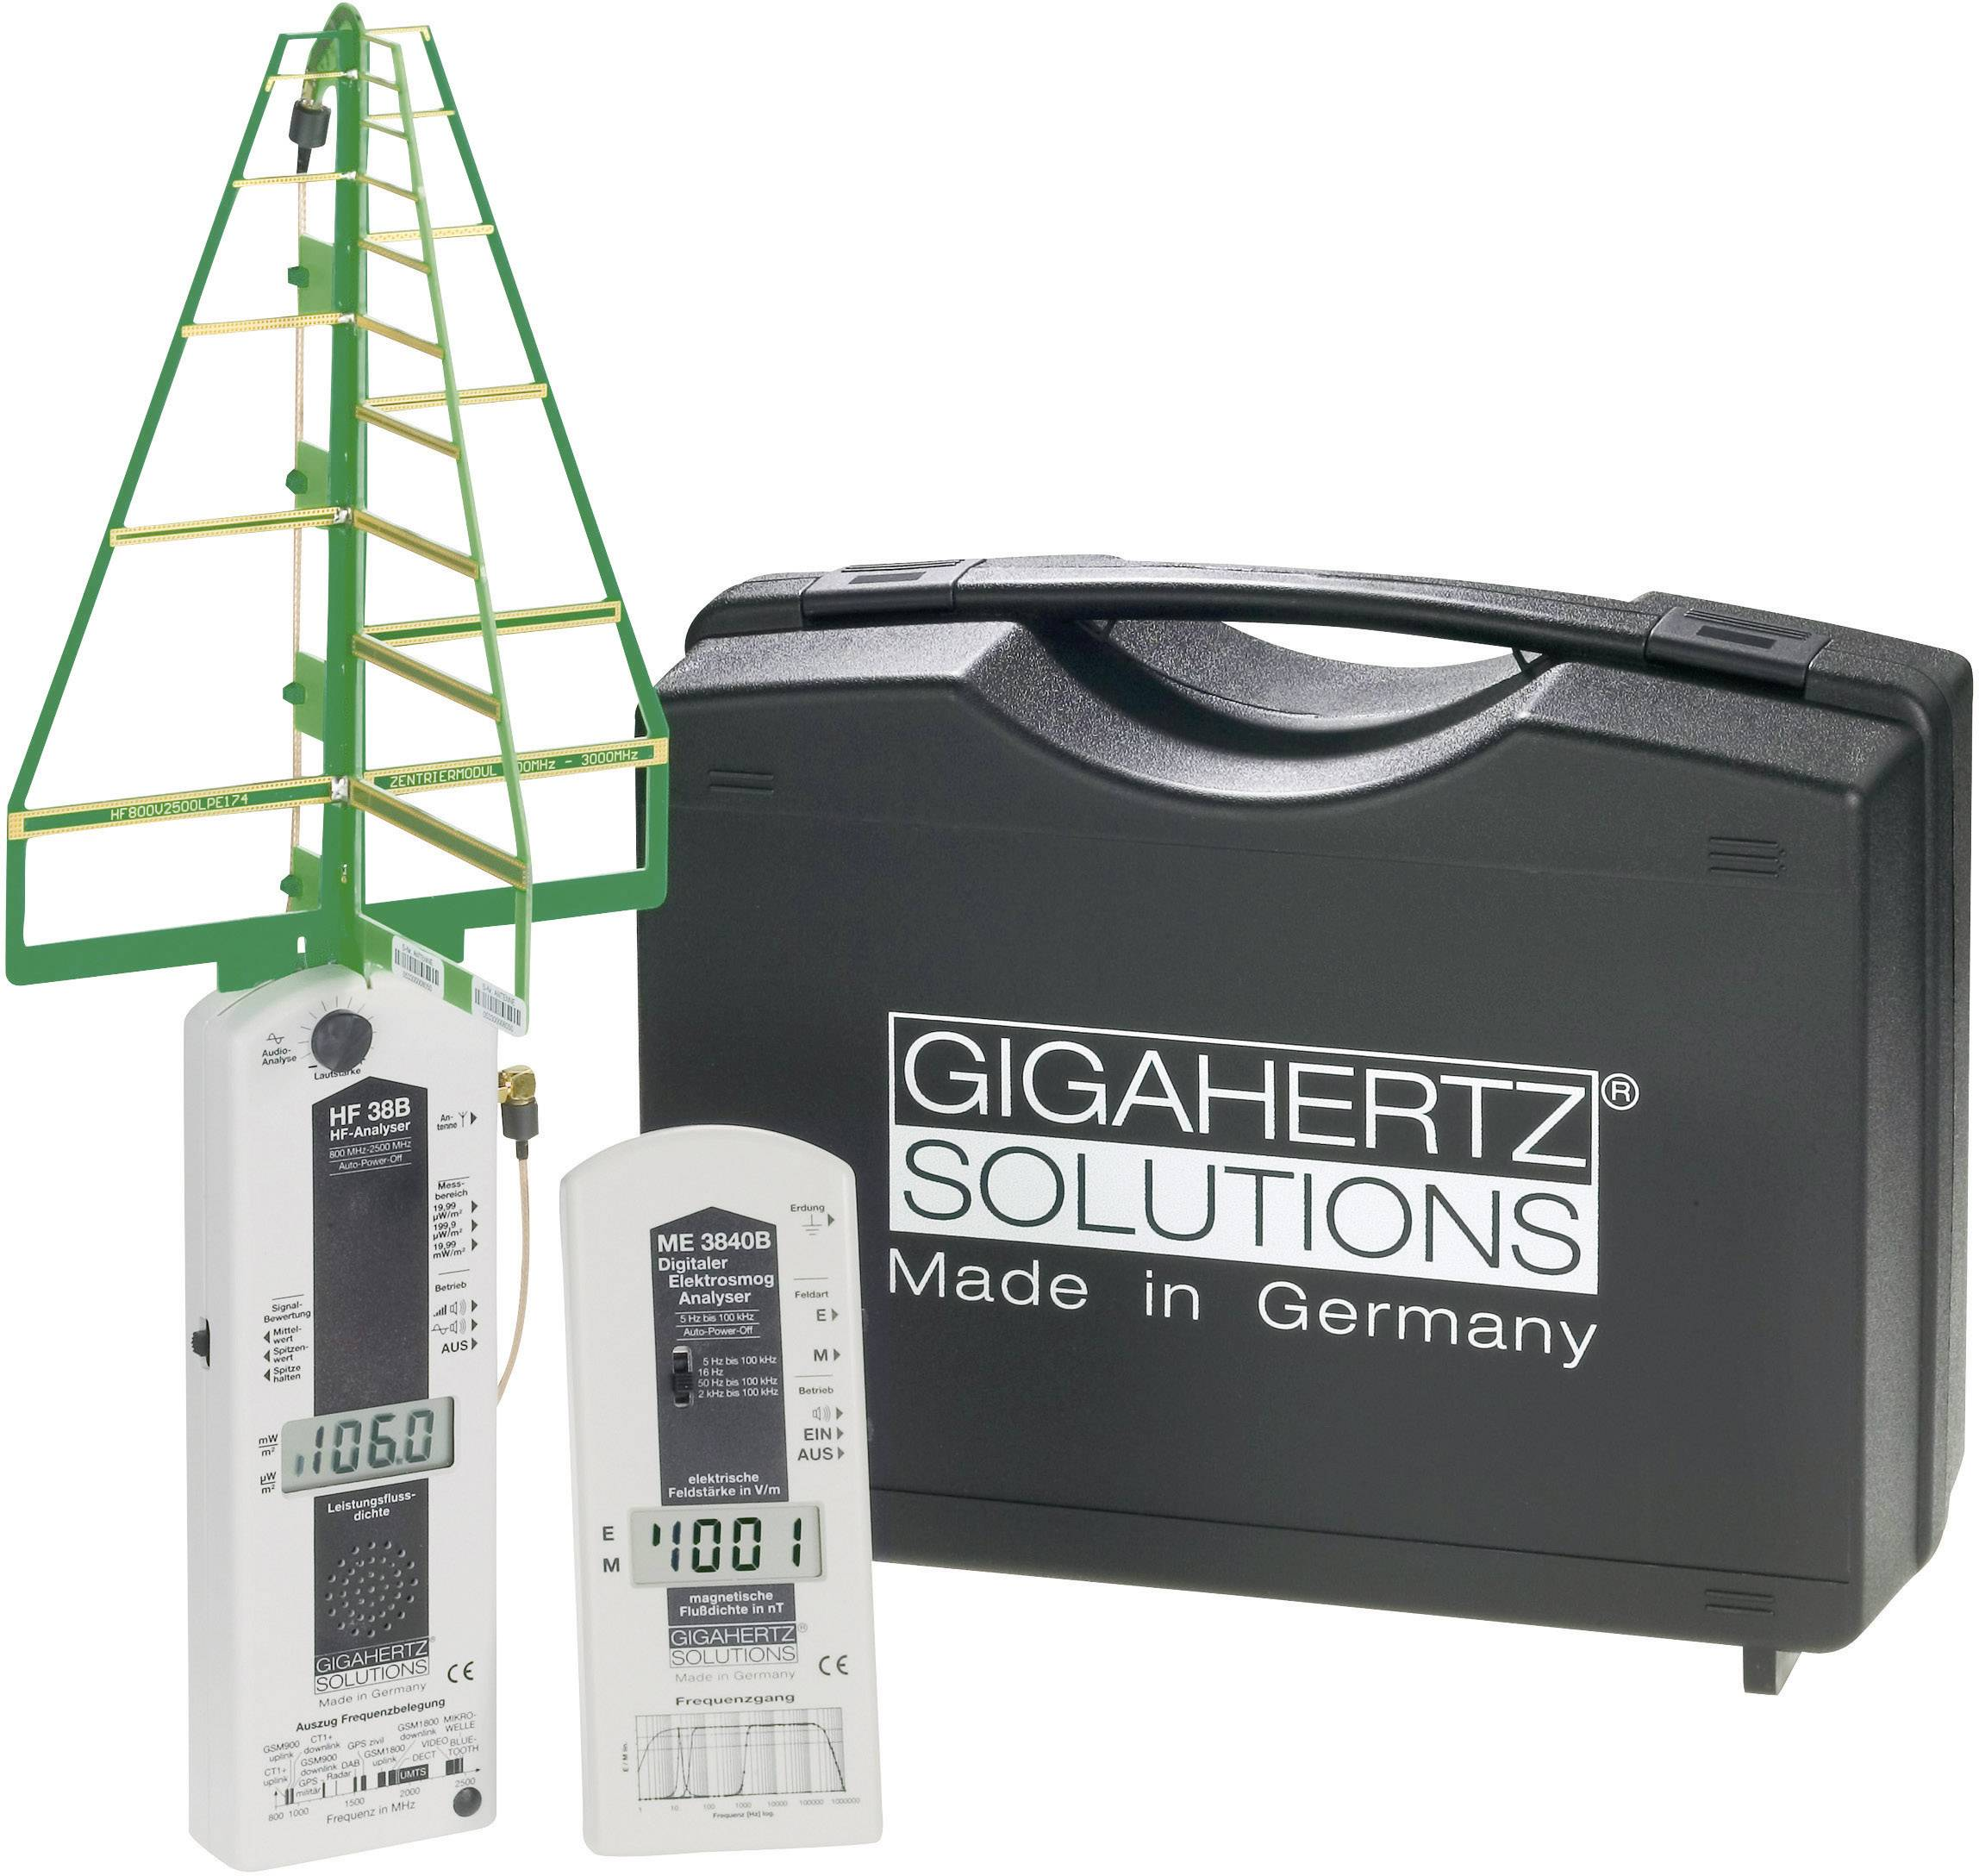 Sada zariadenií na meranie elektrosmogu Gigahertz Solutions MK30